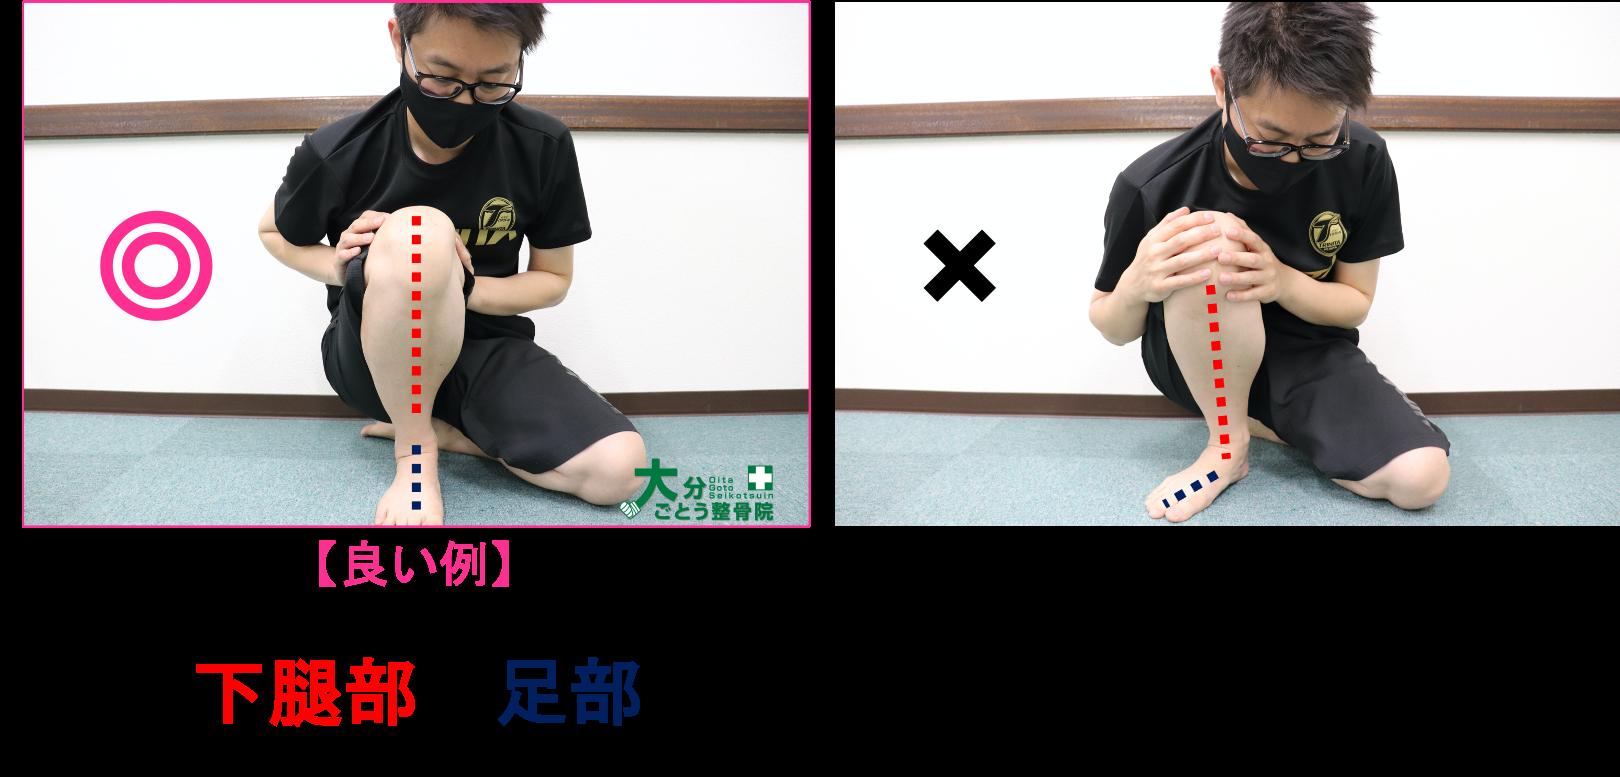 ヒラメ筋のストレッチの方法を示す写真画像2